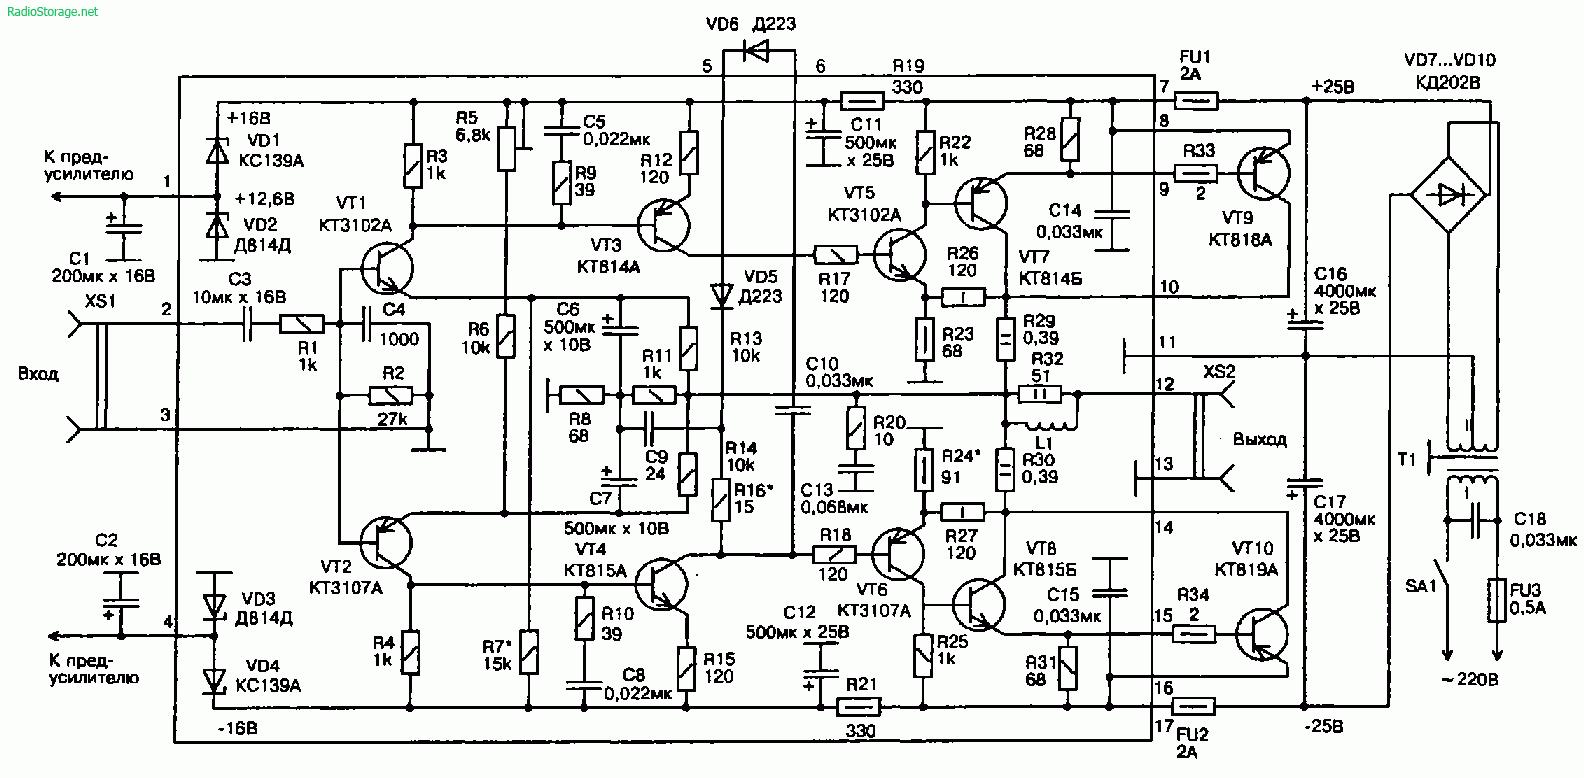 Схема усилителя на транзисторах c5198, a1941 скачать